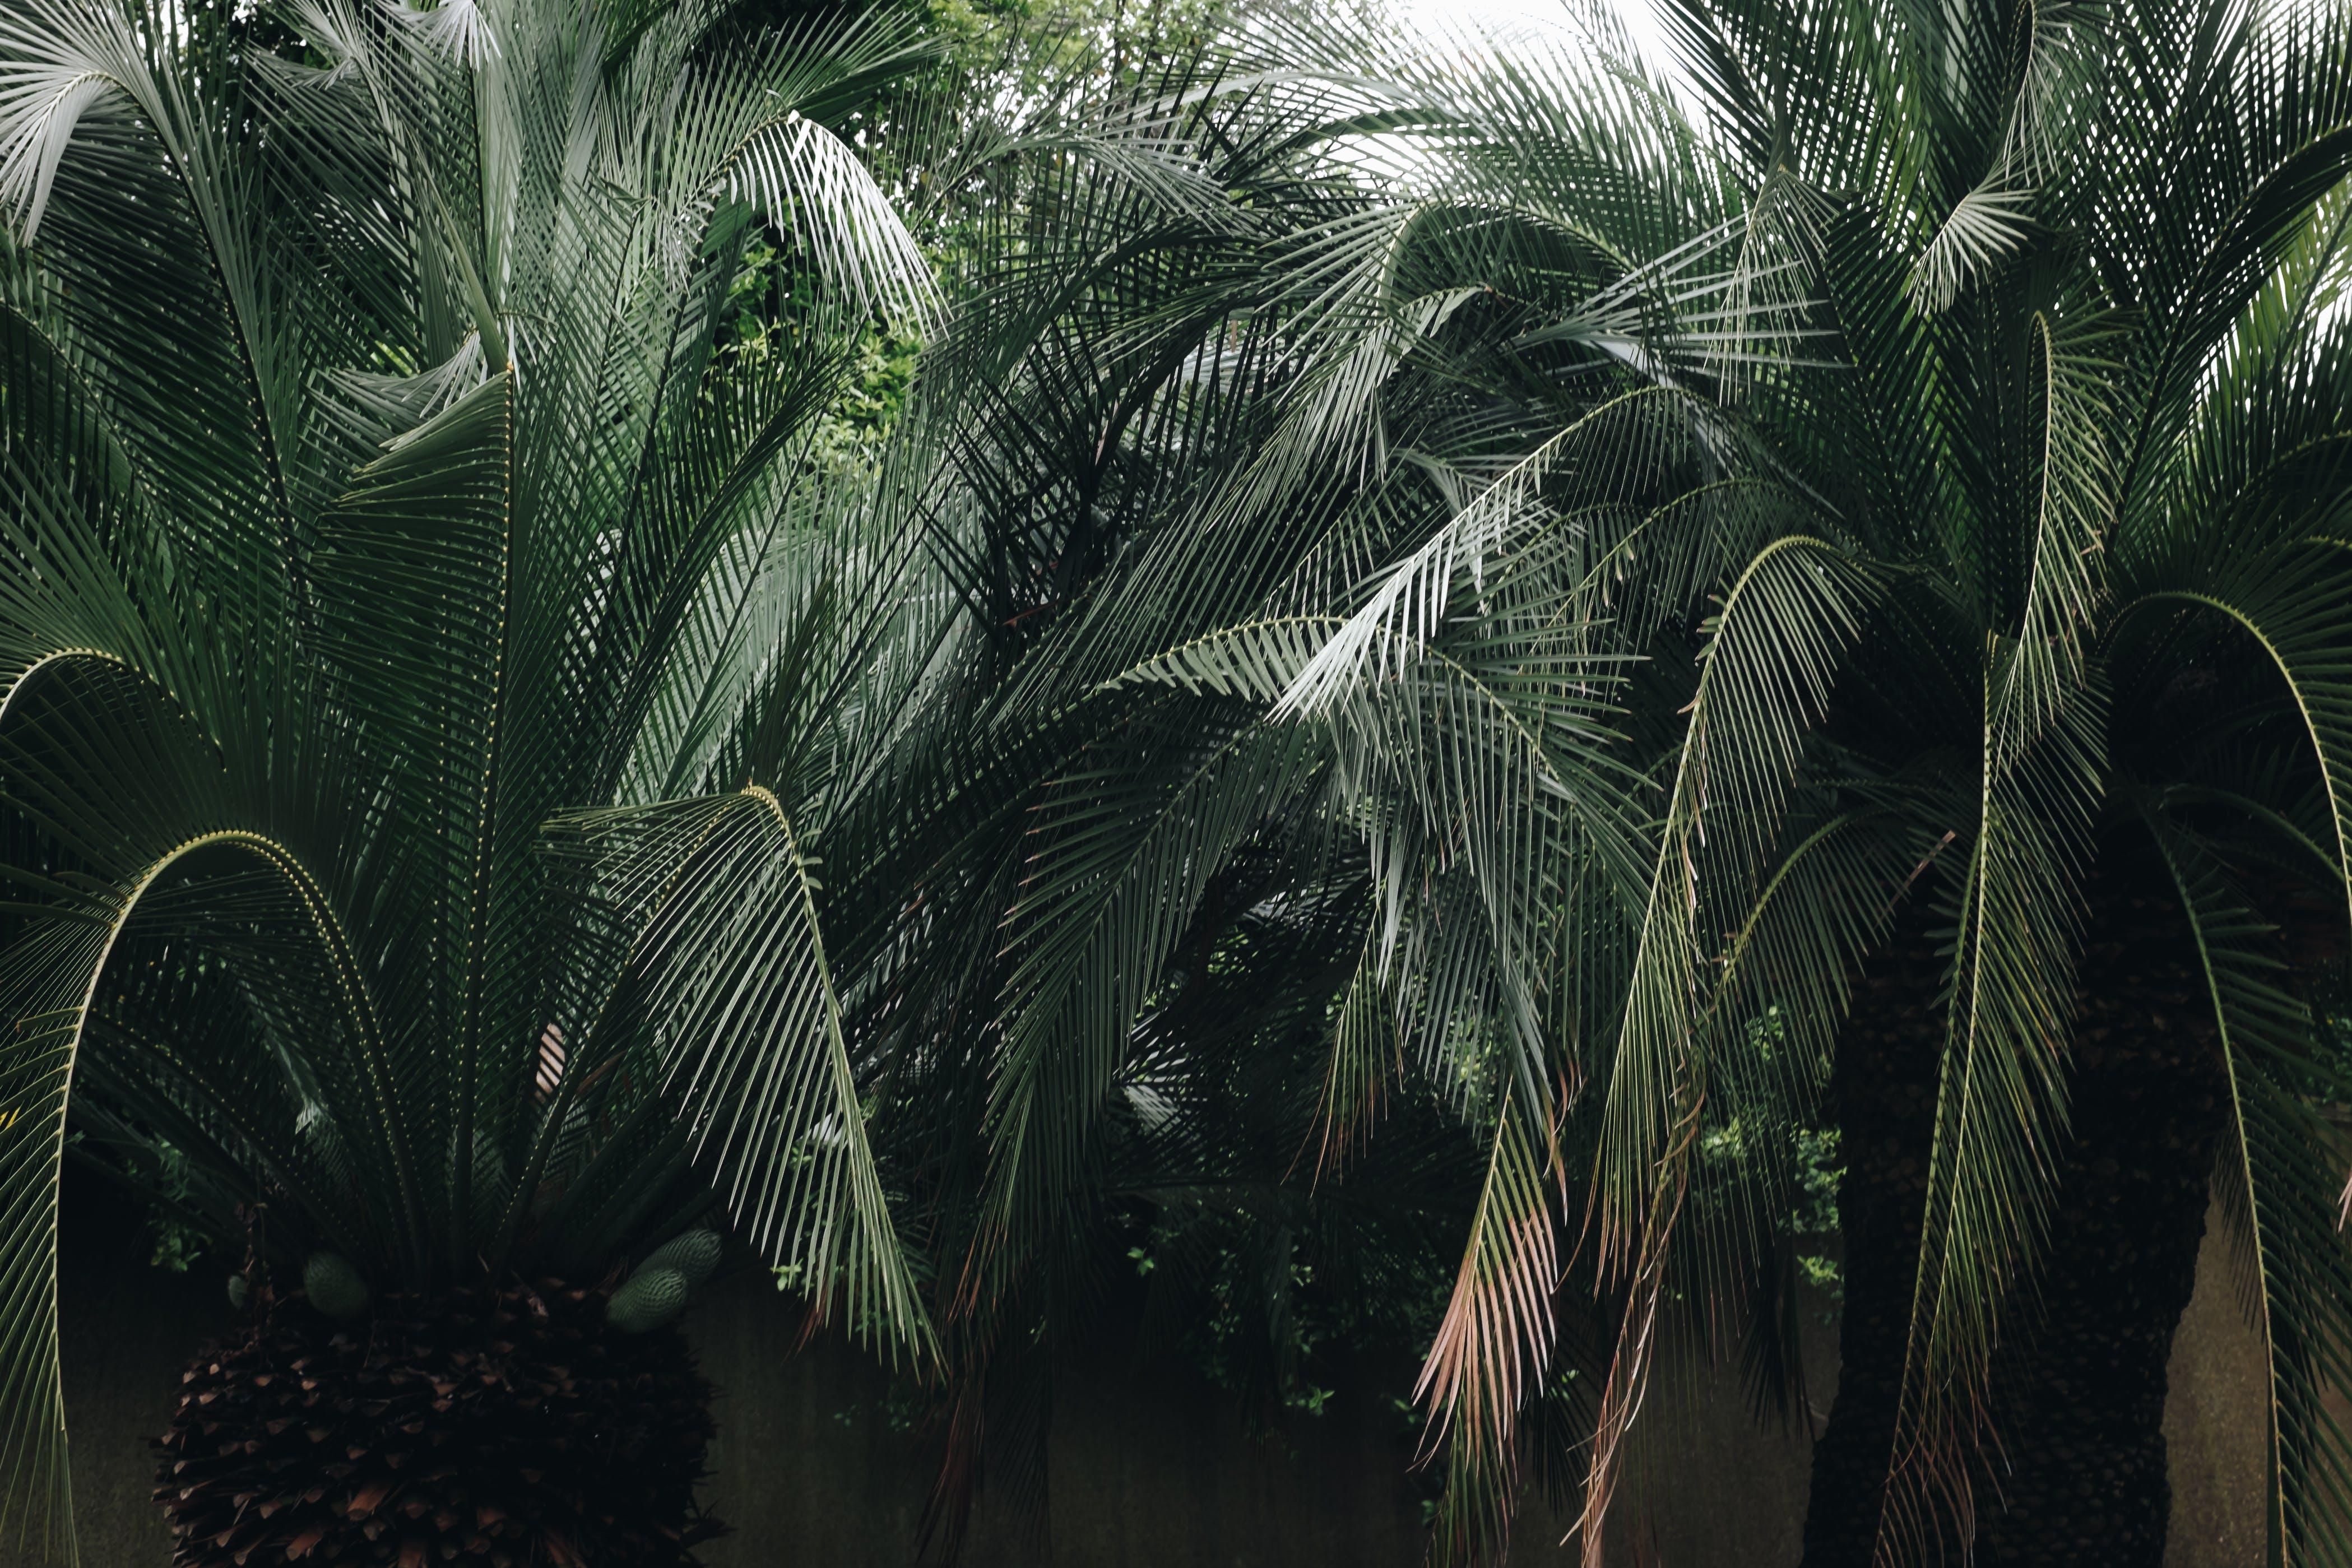 Green Leaf Palm Tree